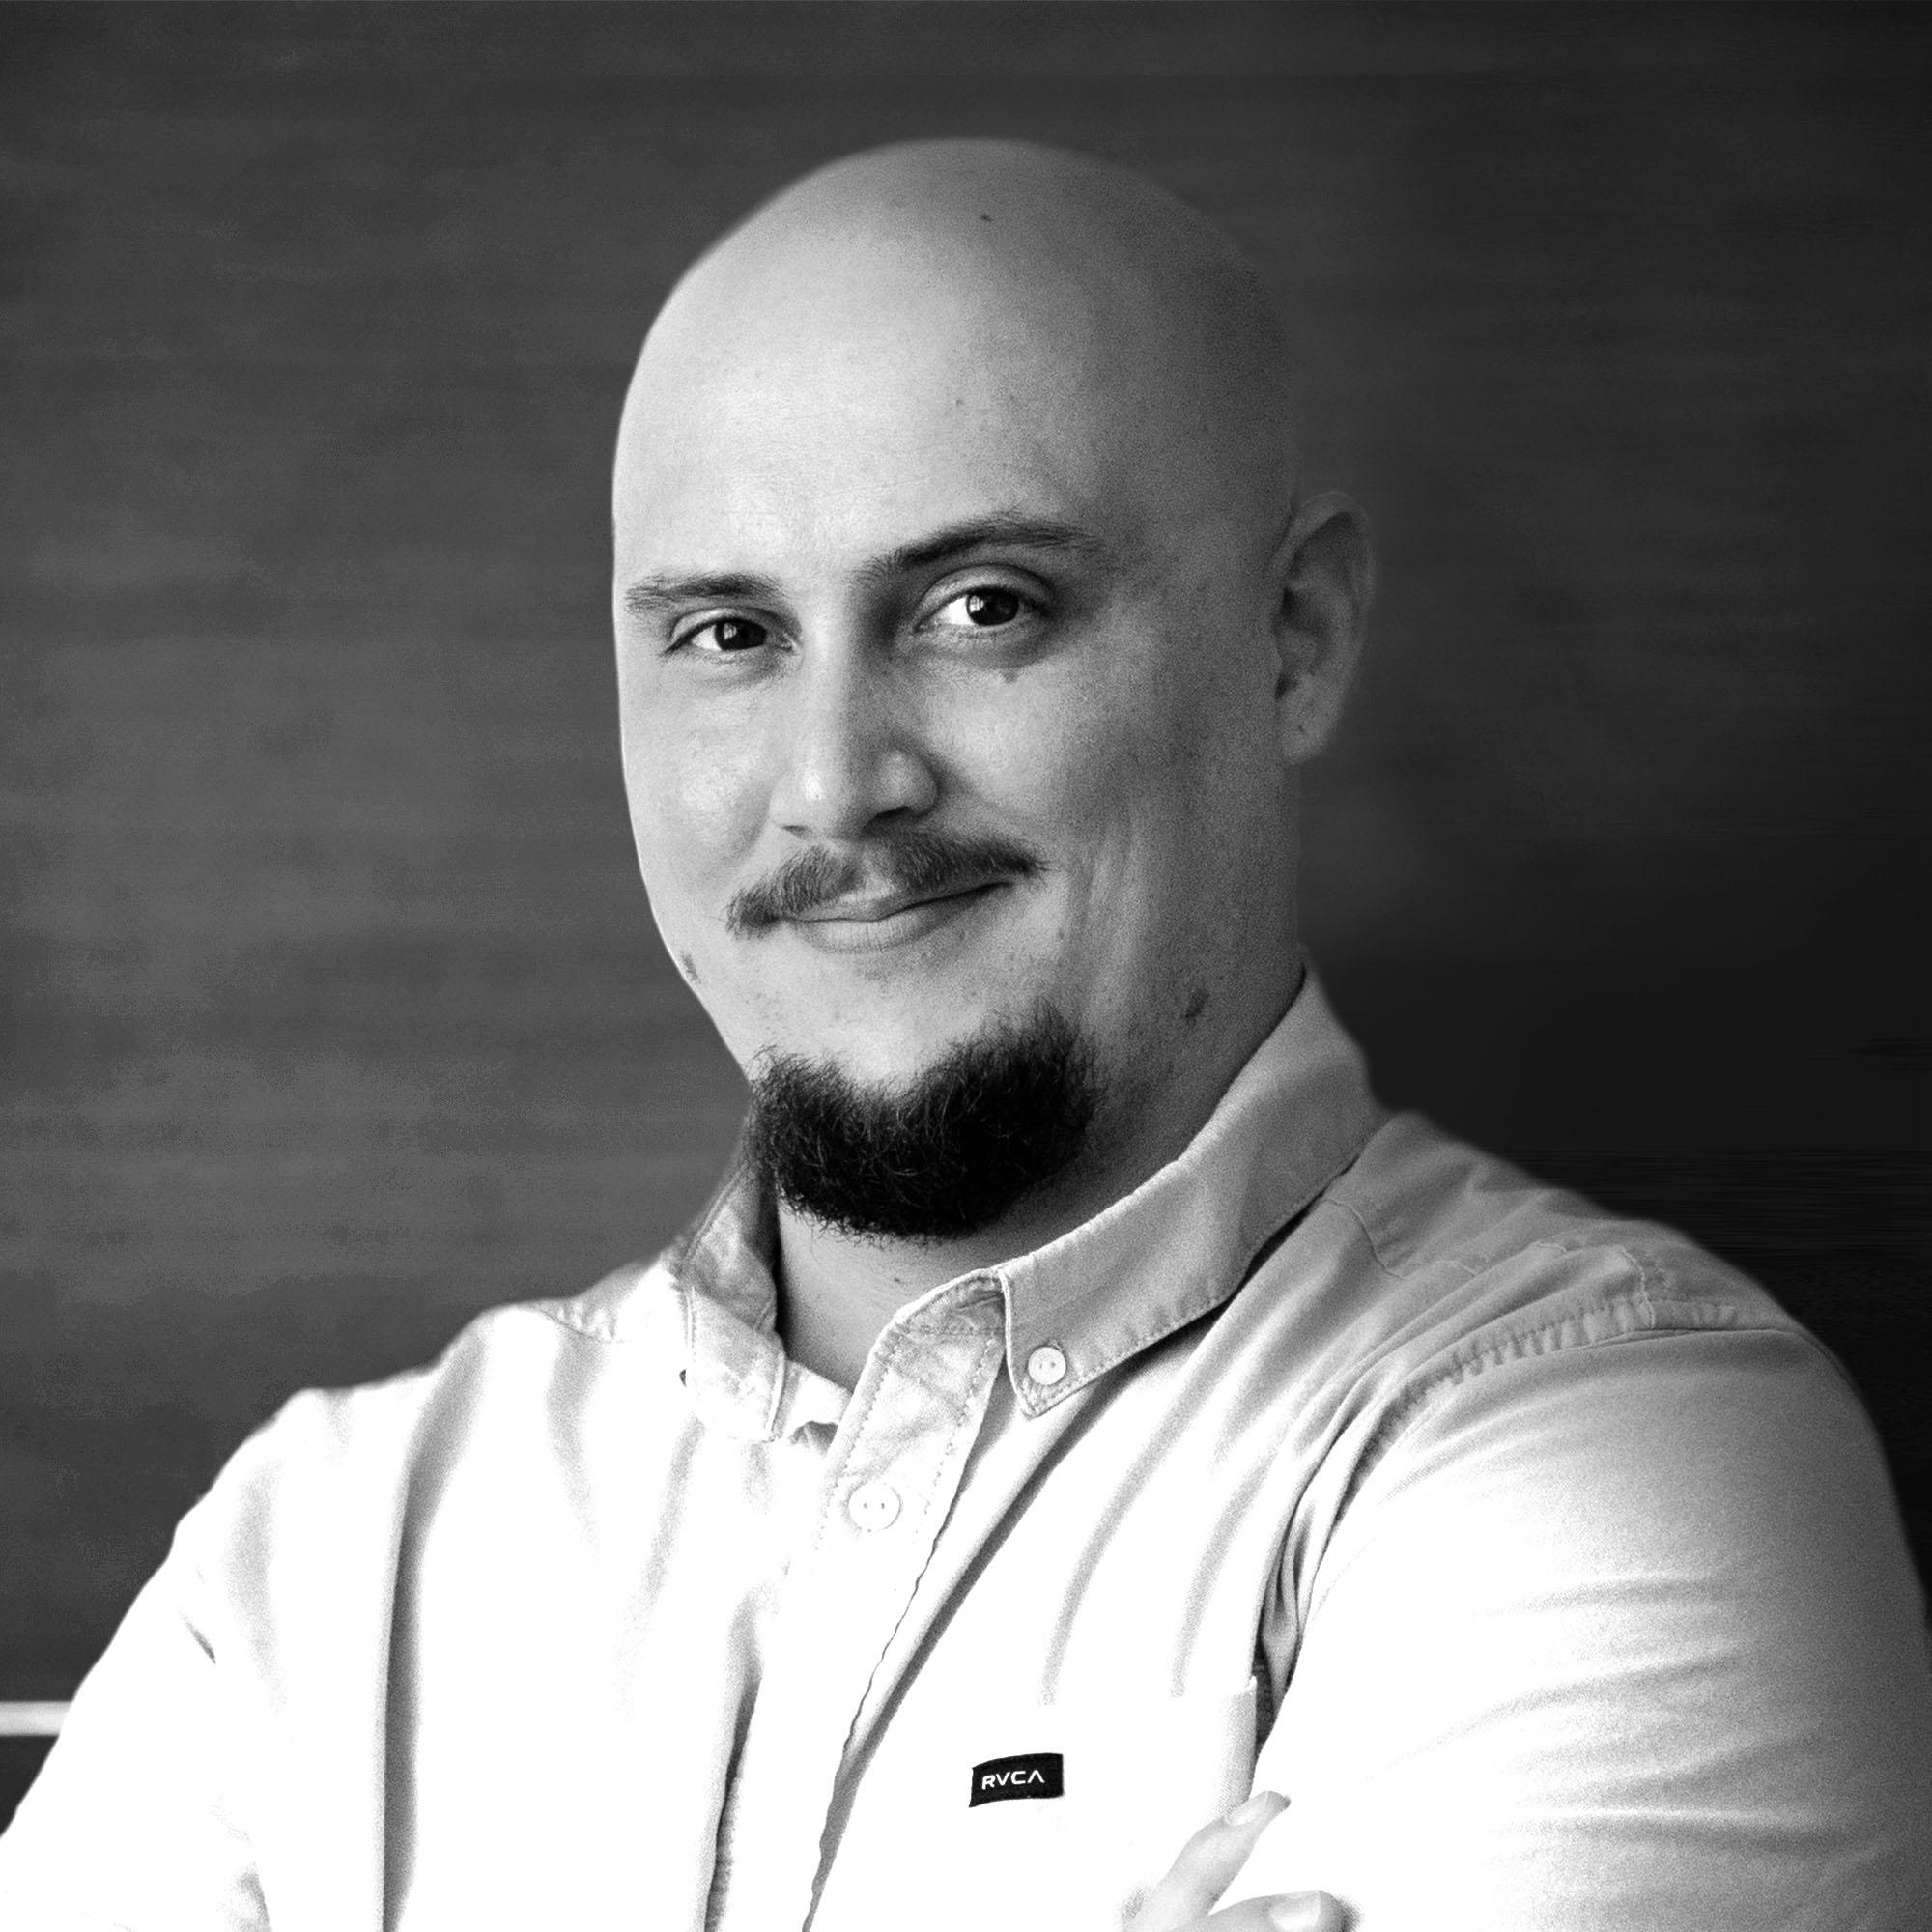 Andrew Glasser - Paid Media Team Lead